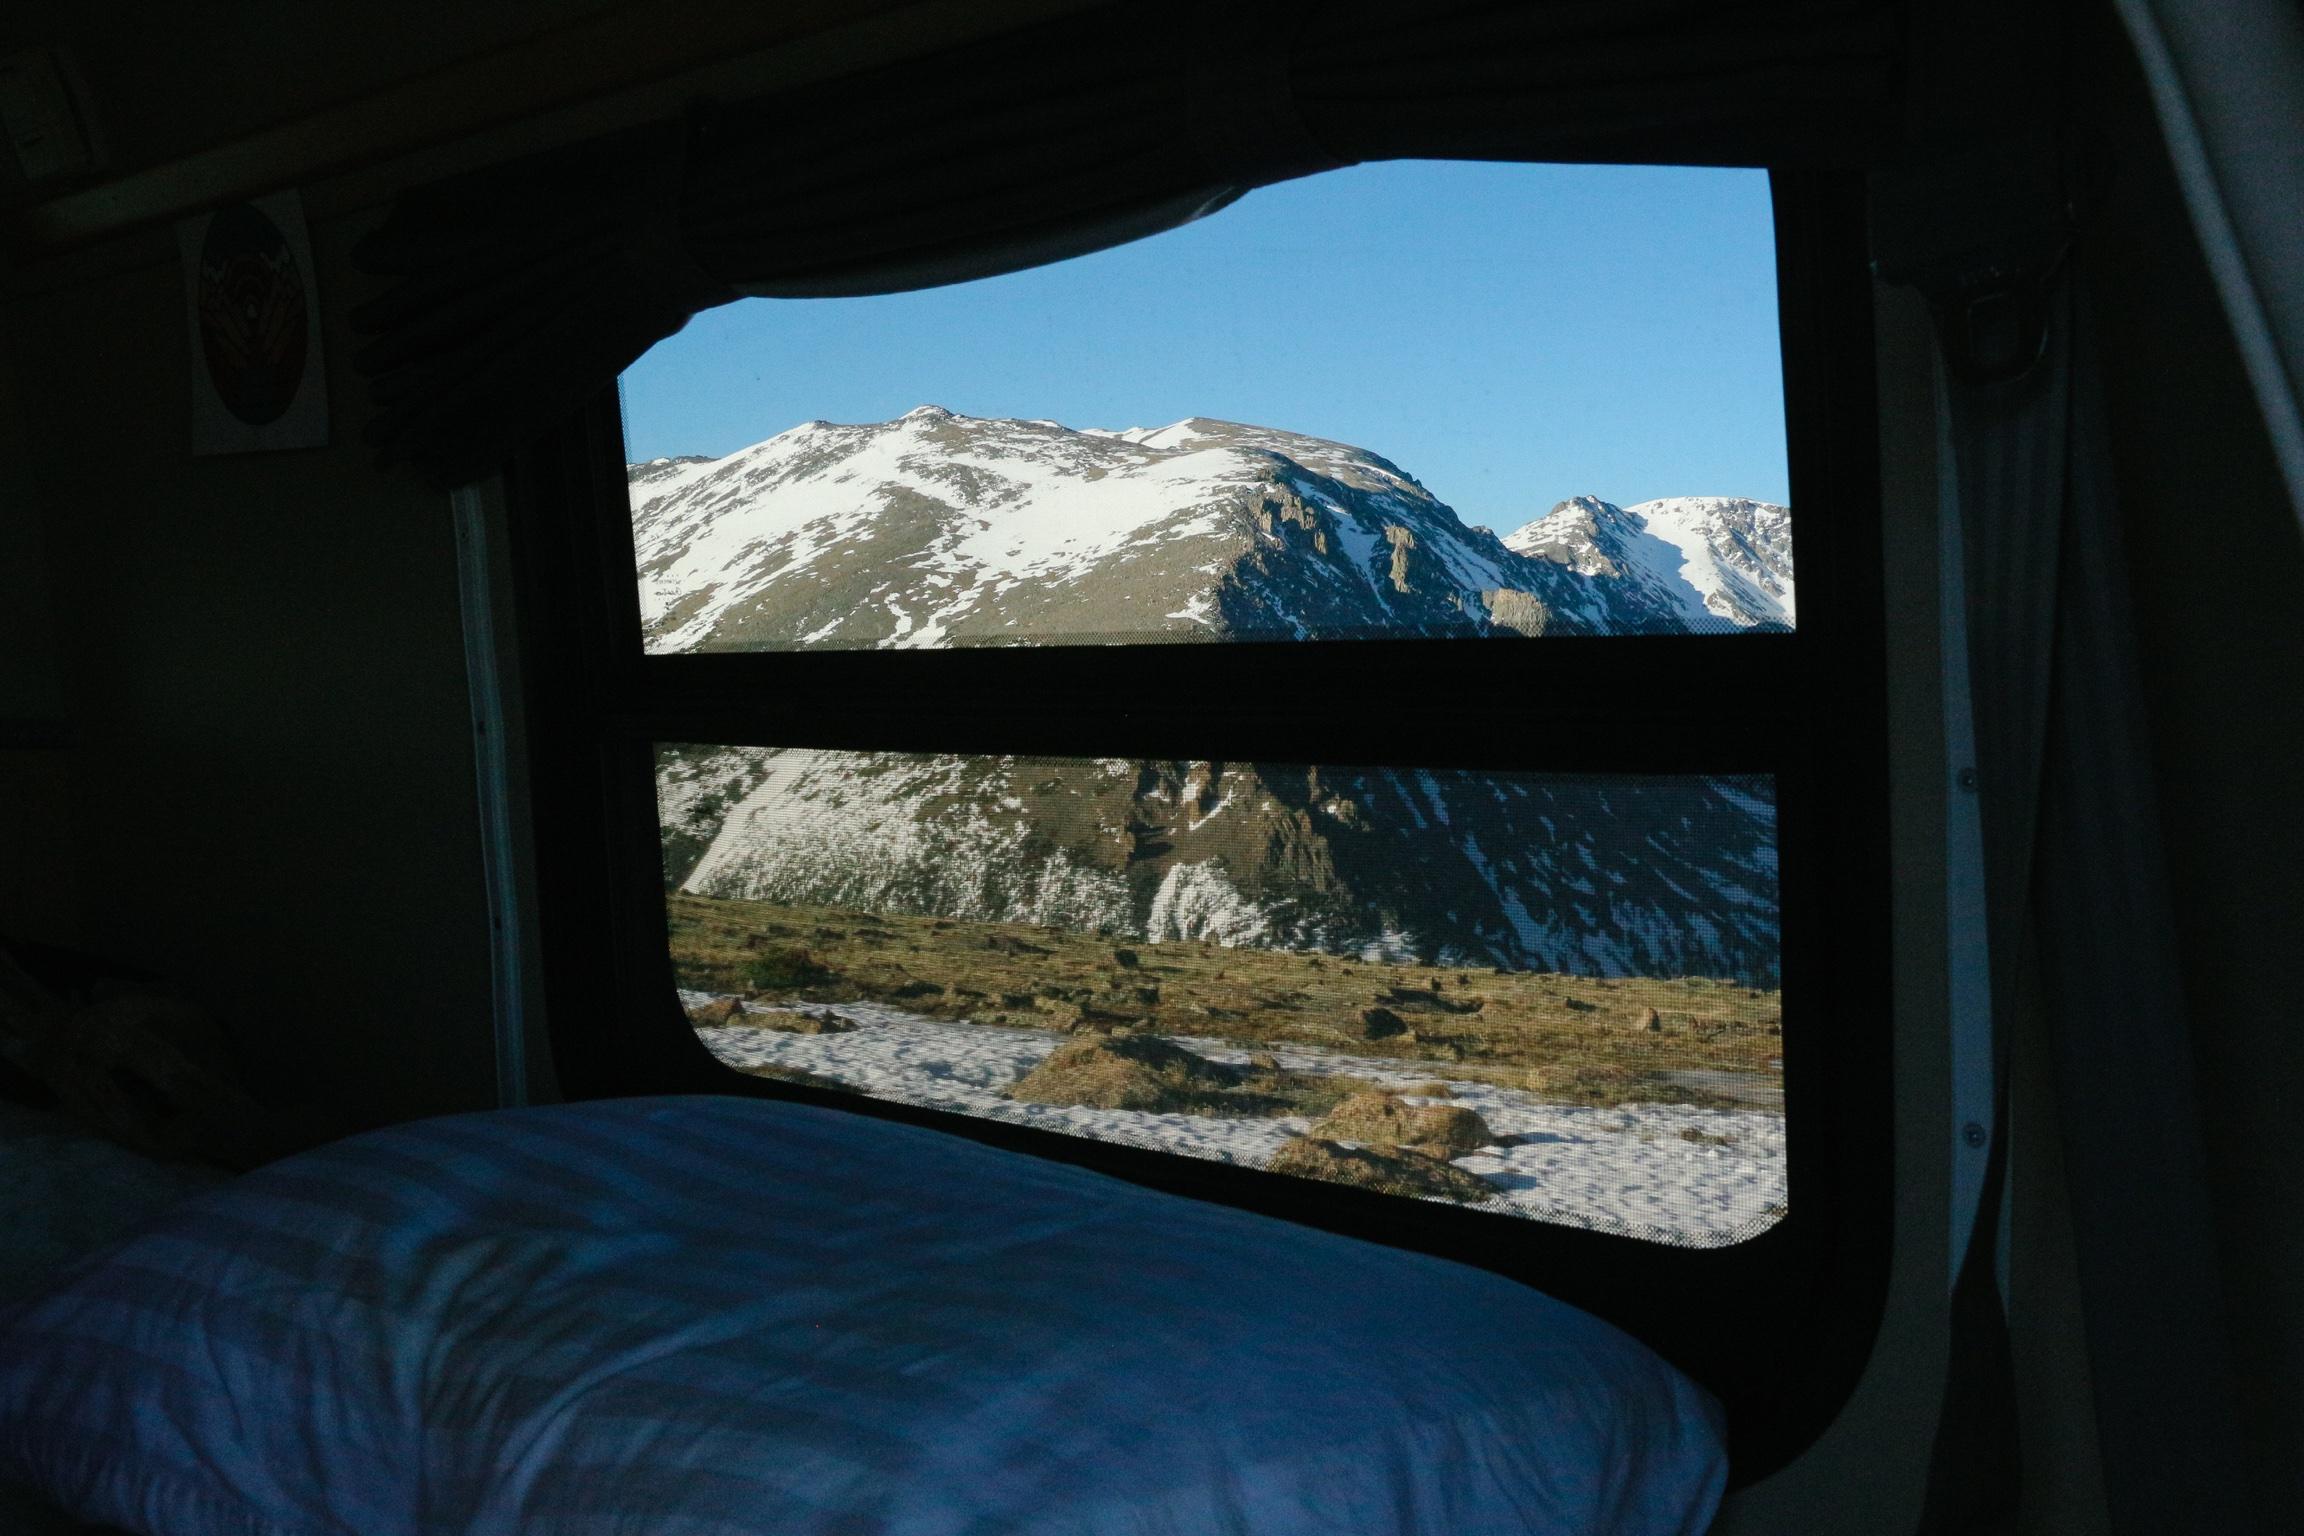 windowview.jpg